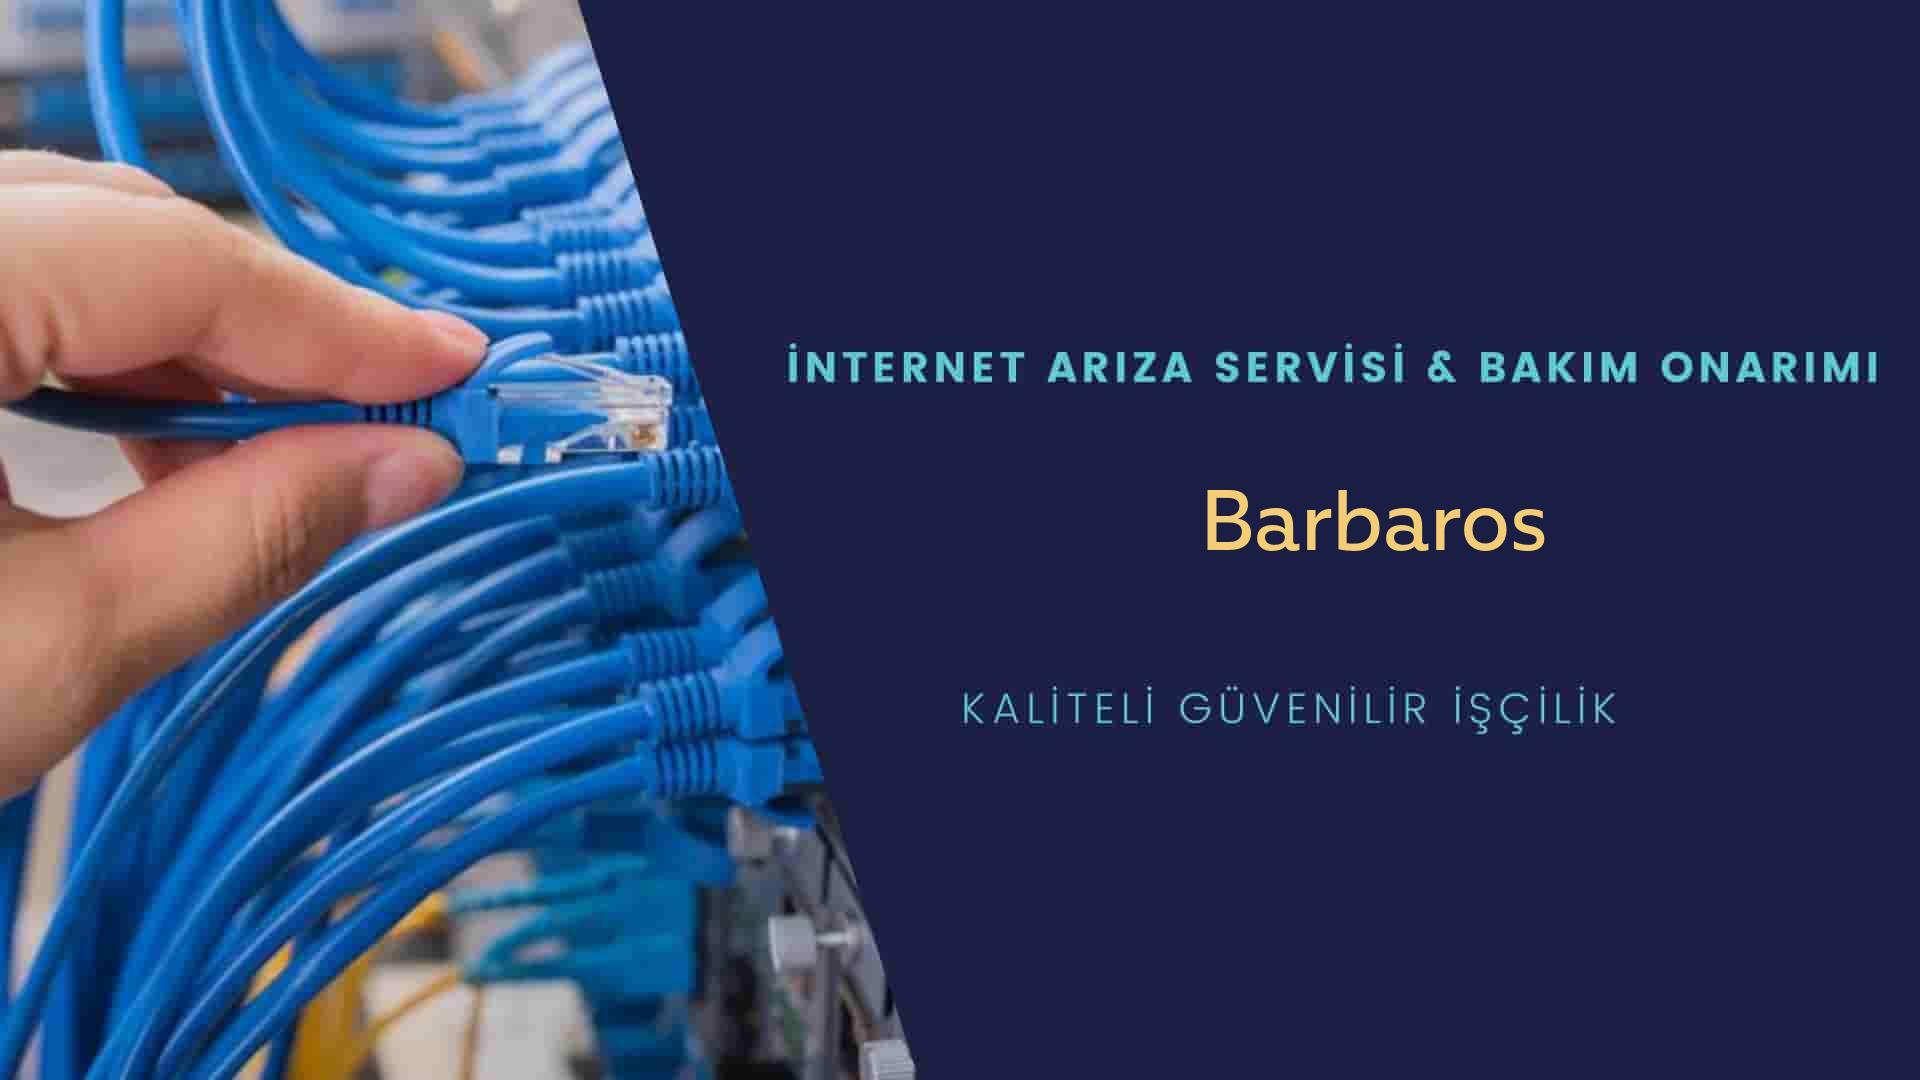 Barbaros  internet kablosu çekimi yapan yerler veya elektrikçiler mi? arıyorsunuz doğru yerdesiniz o zaman sizlere 7/24 yardımcı olacak profesyonel ustalarımız bir telefon kadar yakındır size.